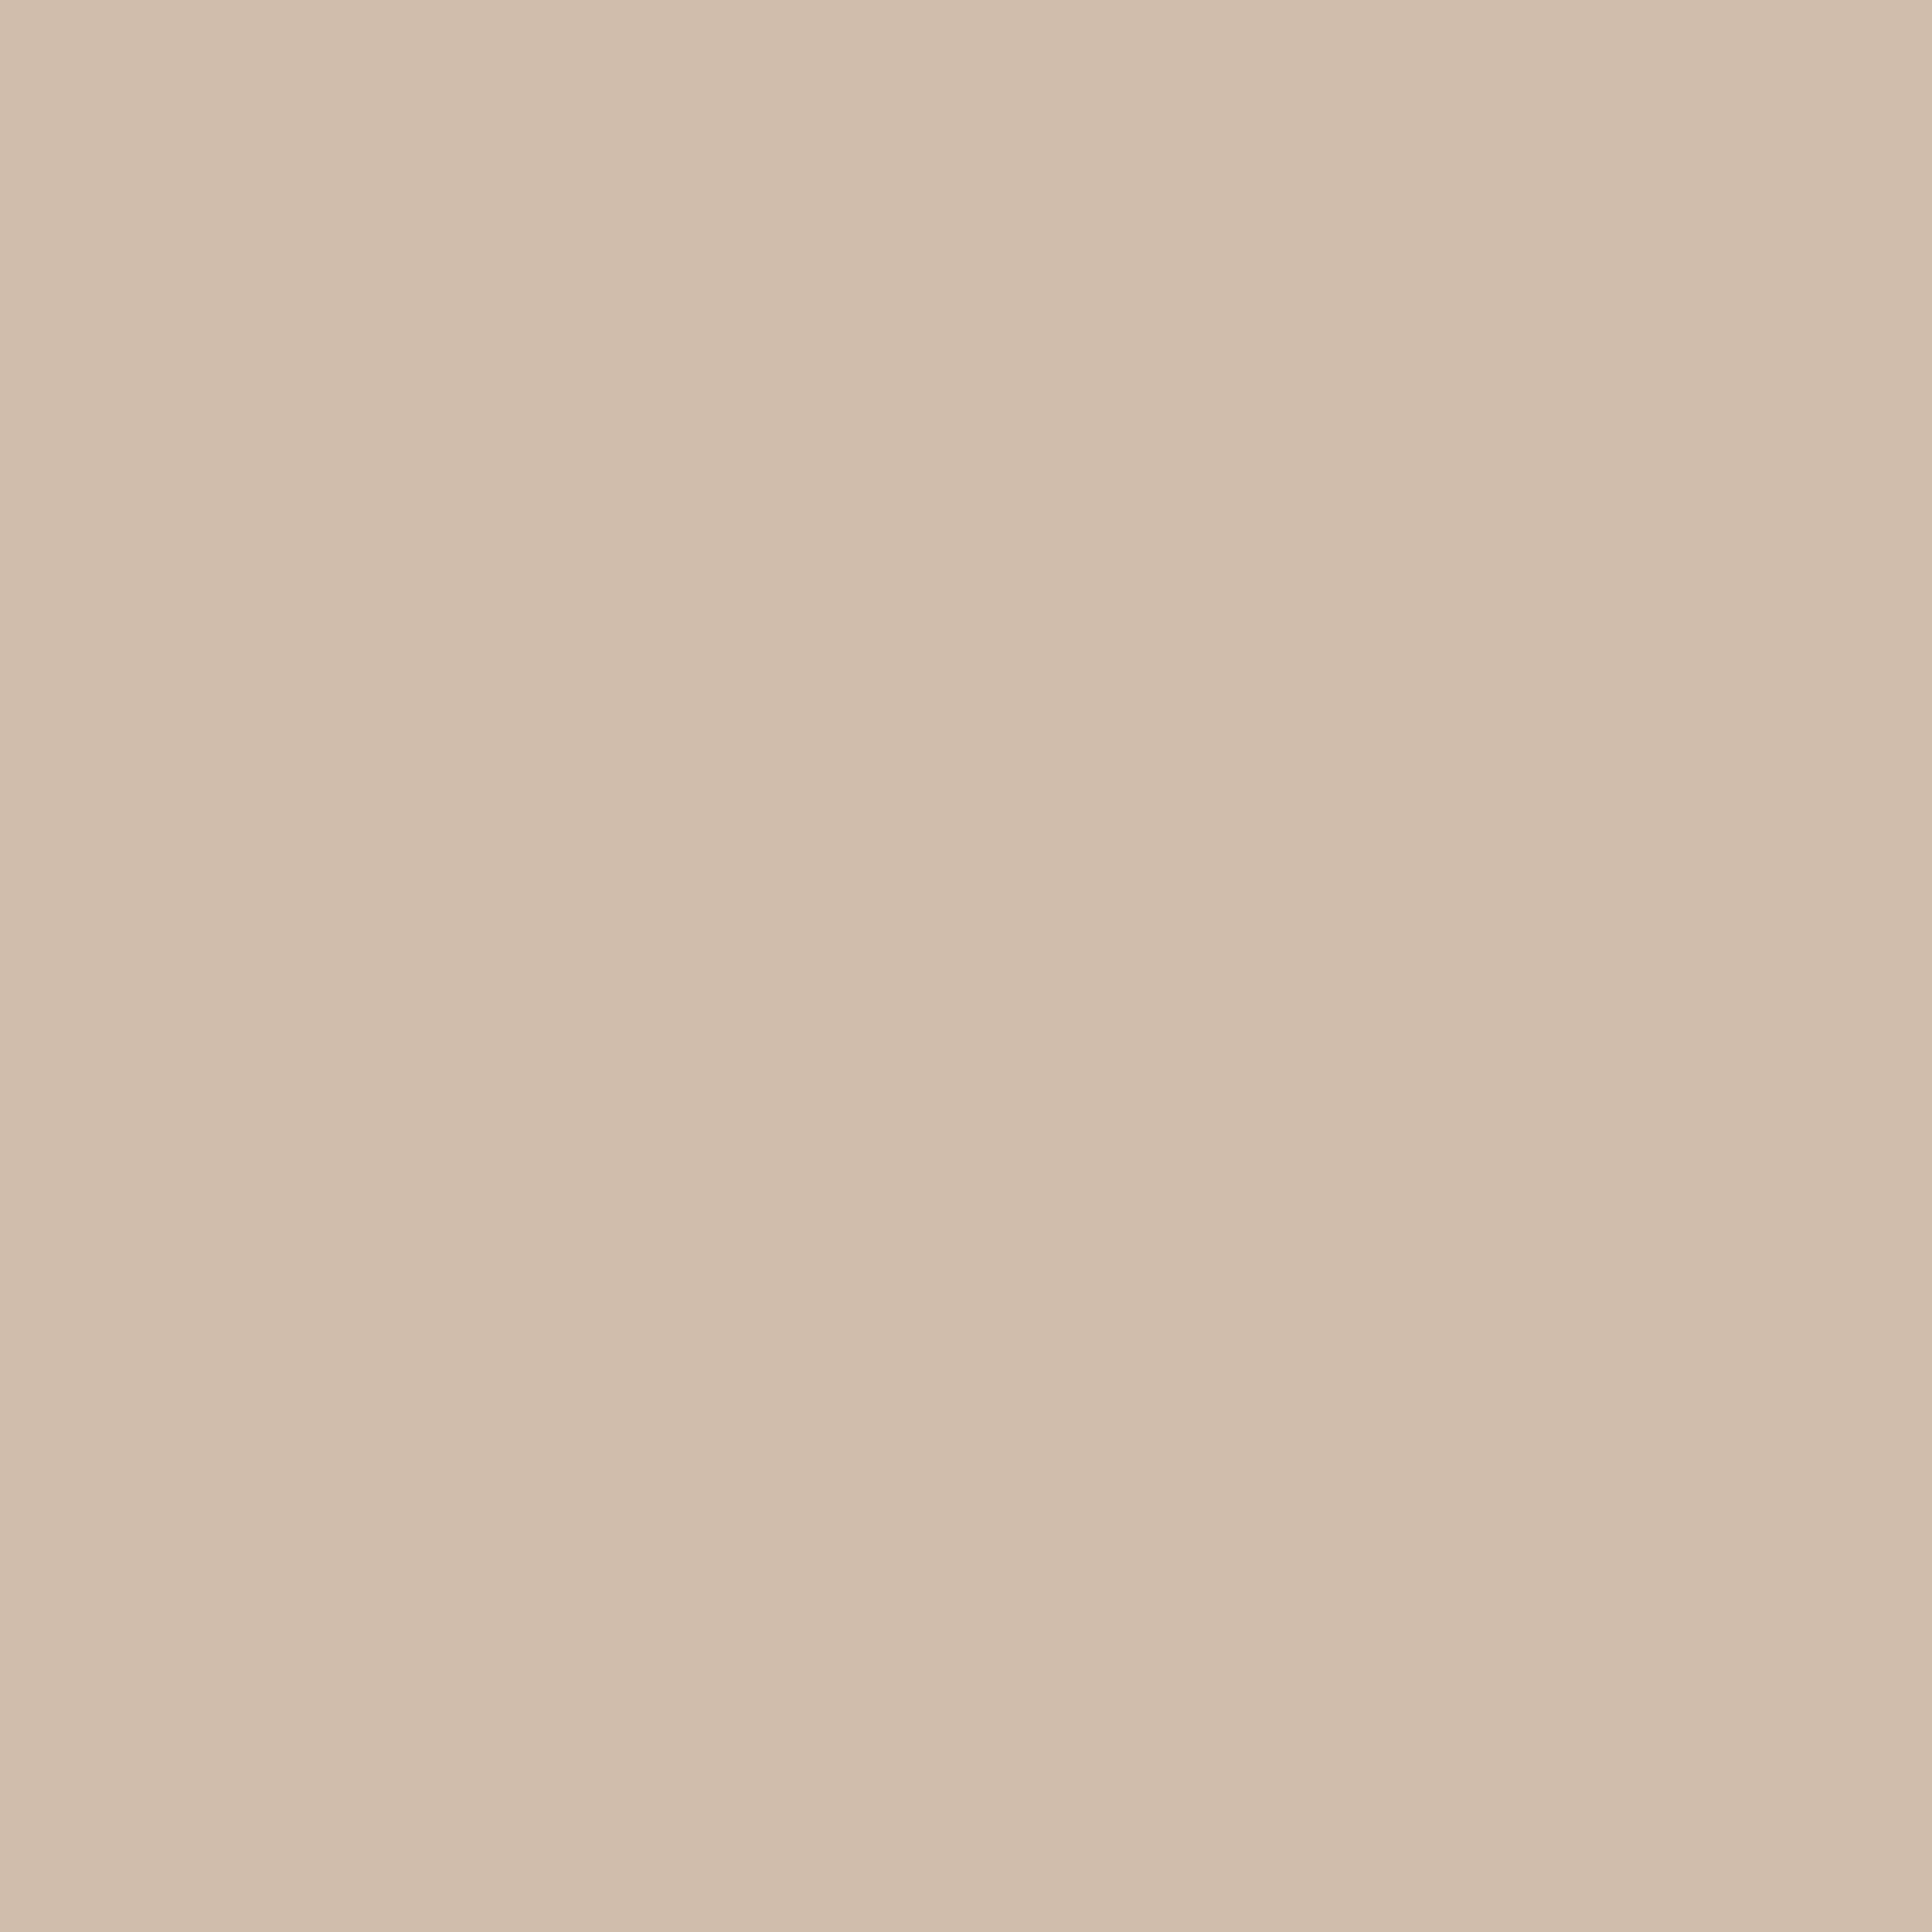 2732x2732 Dark Vanilla Solid Color Background